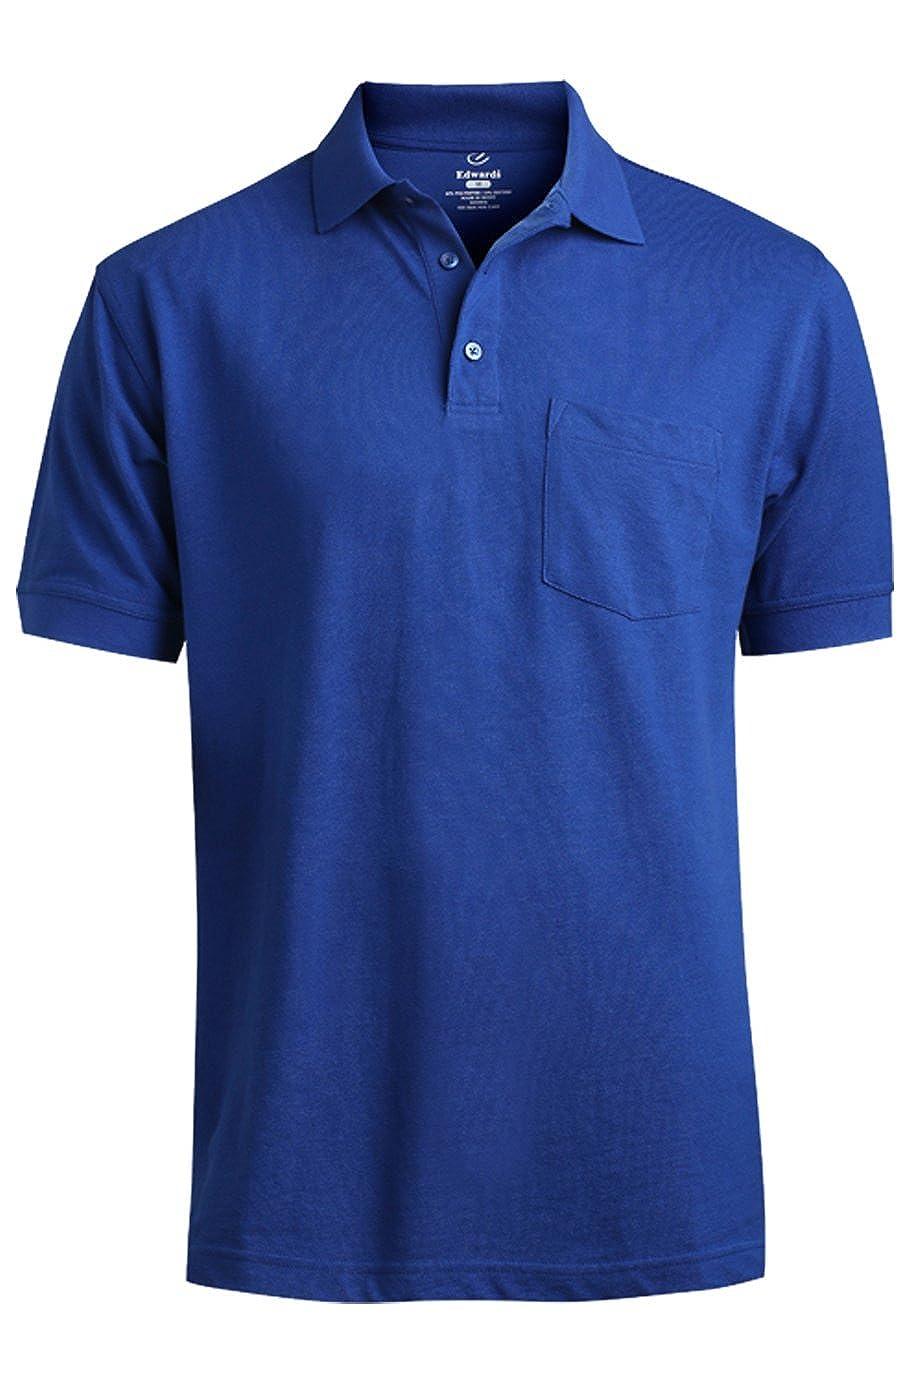 Edwards Garment Big And Tall Short Sleeve Pique Pocket Shirt/_ROYAL